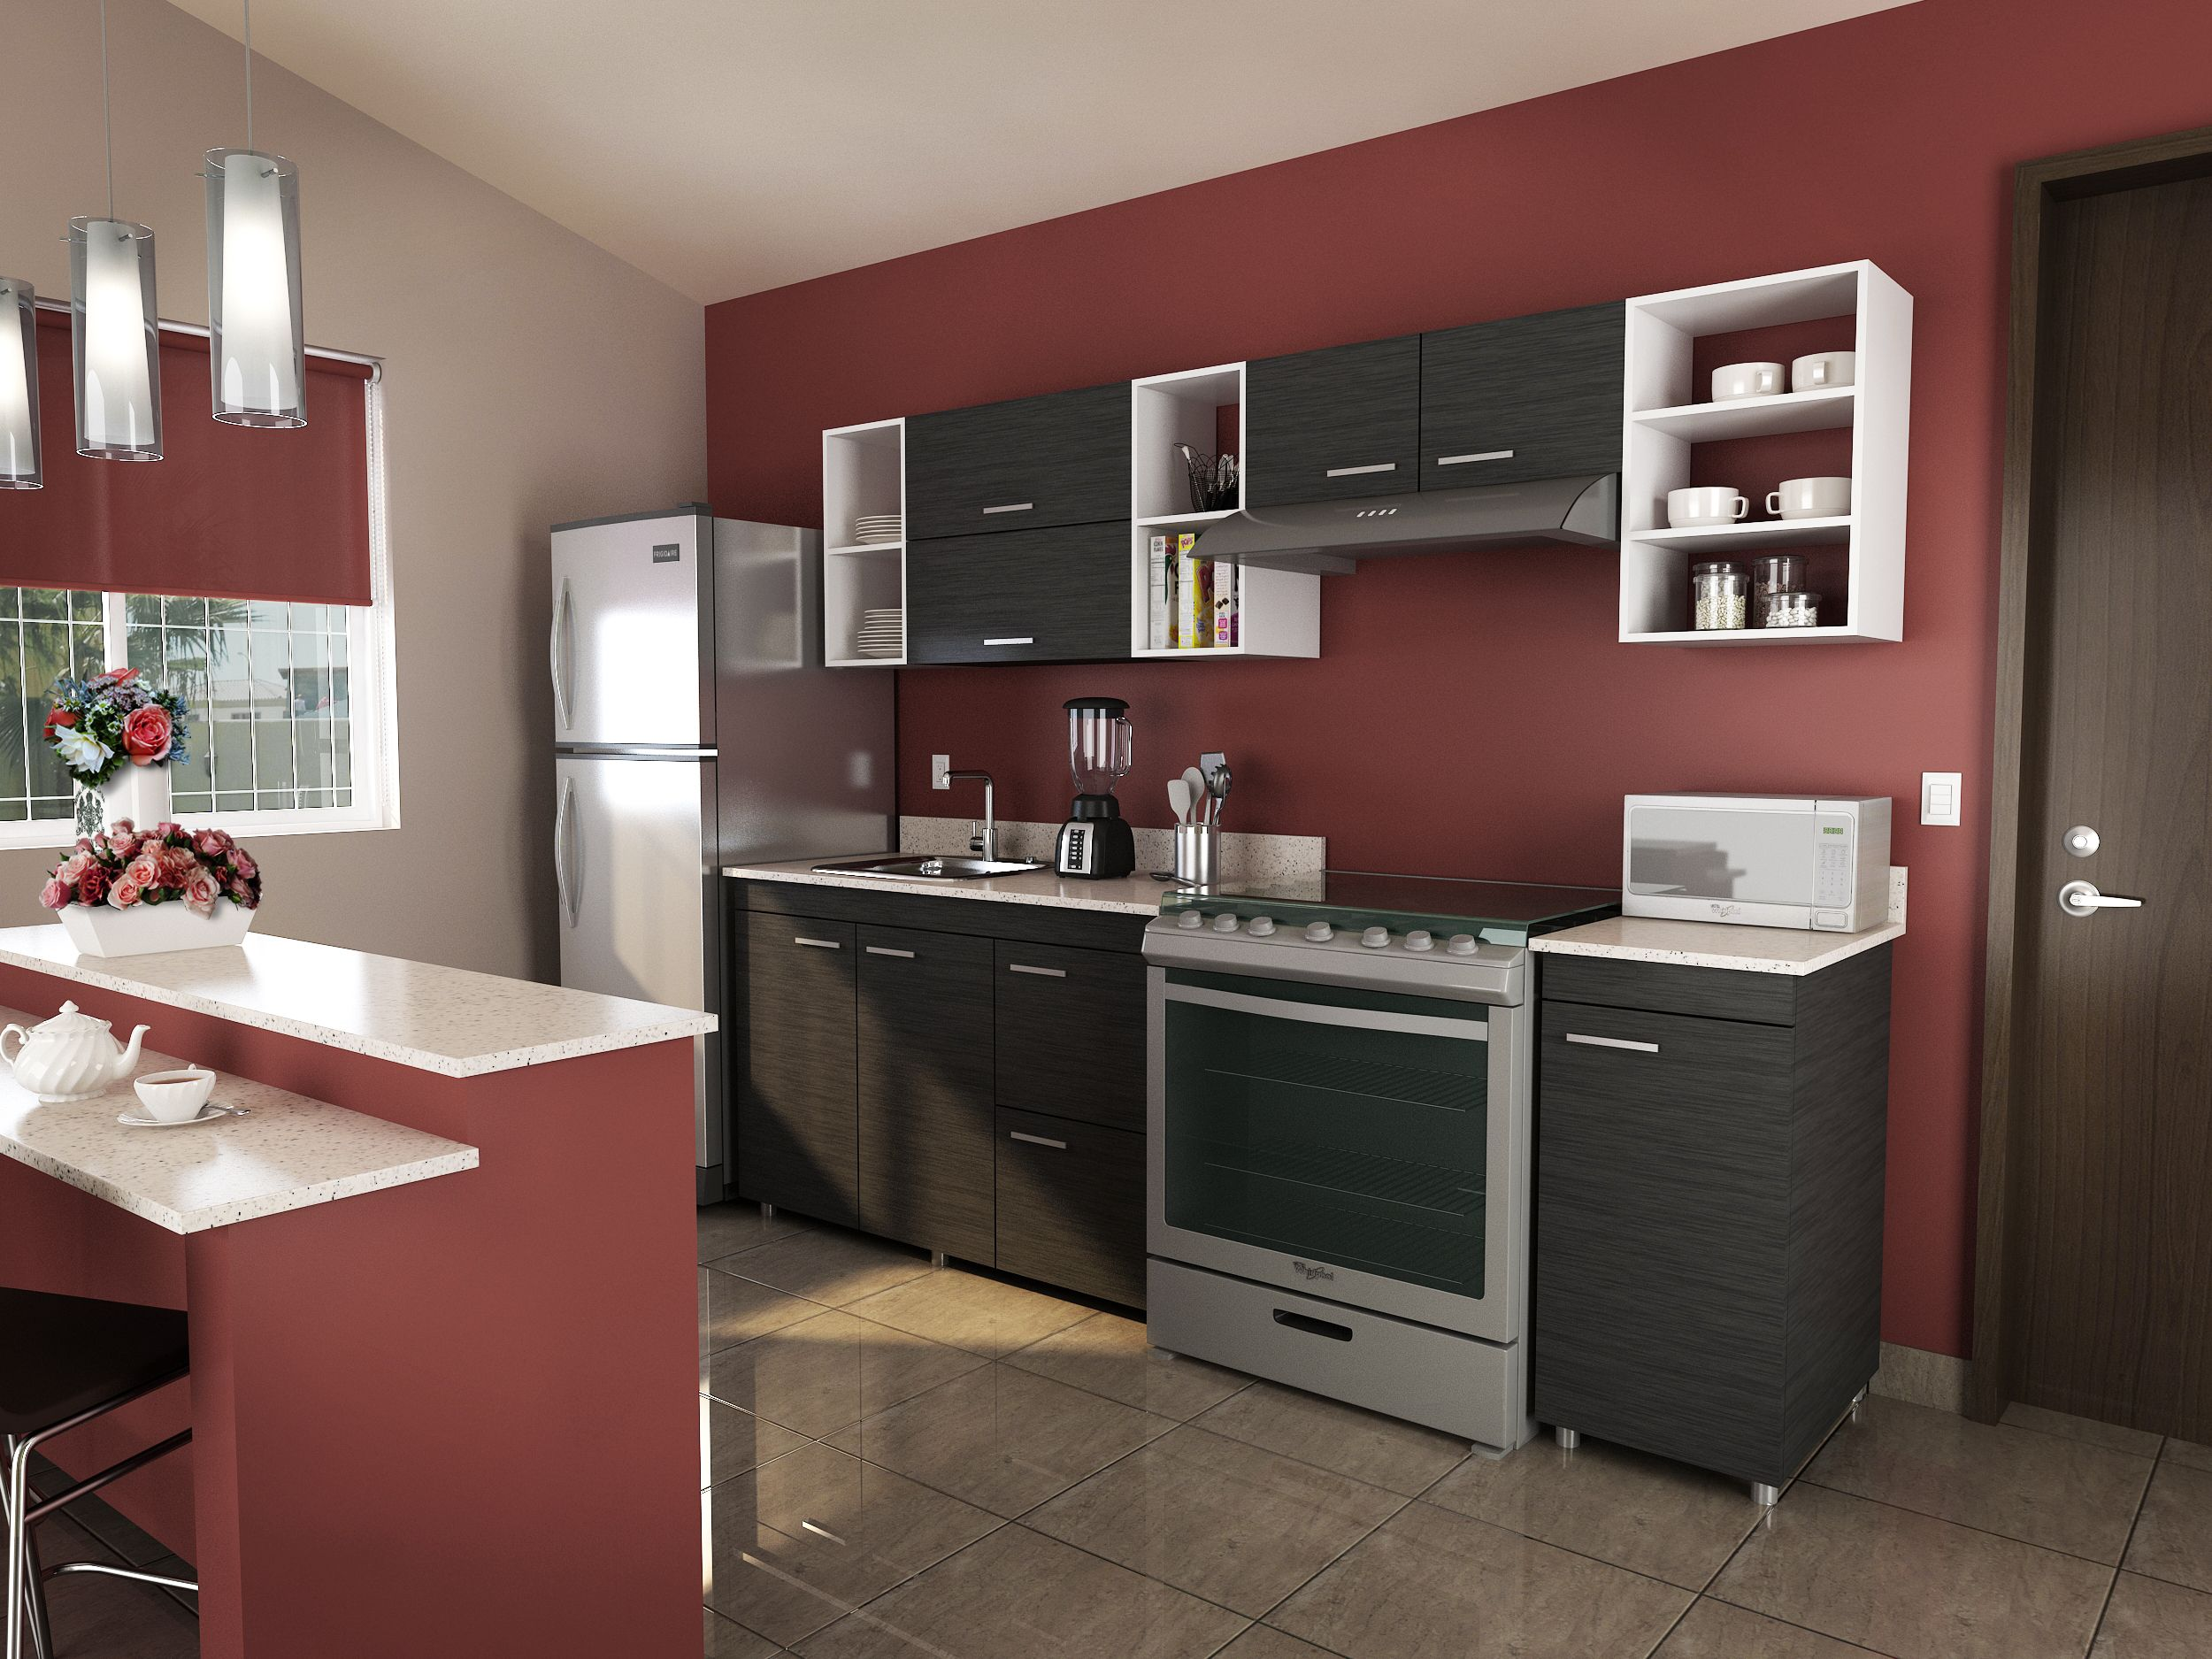 Gabinetes de cocina de todas las ideas - Renueva Tu Cocina Con Gabinetes Color Gris Y Combina Con Un Tono Terracota En Las Paredes